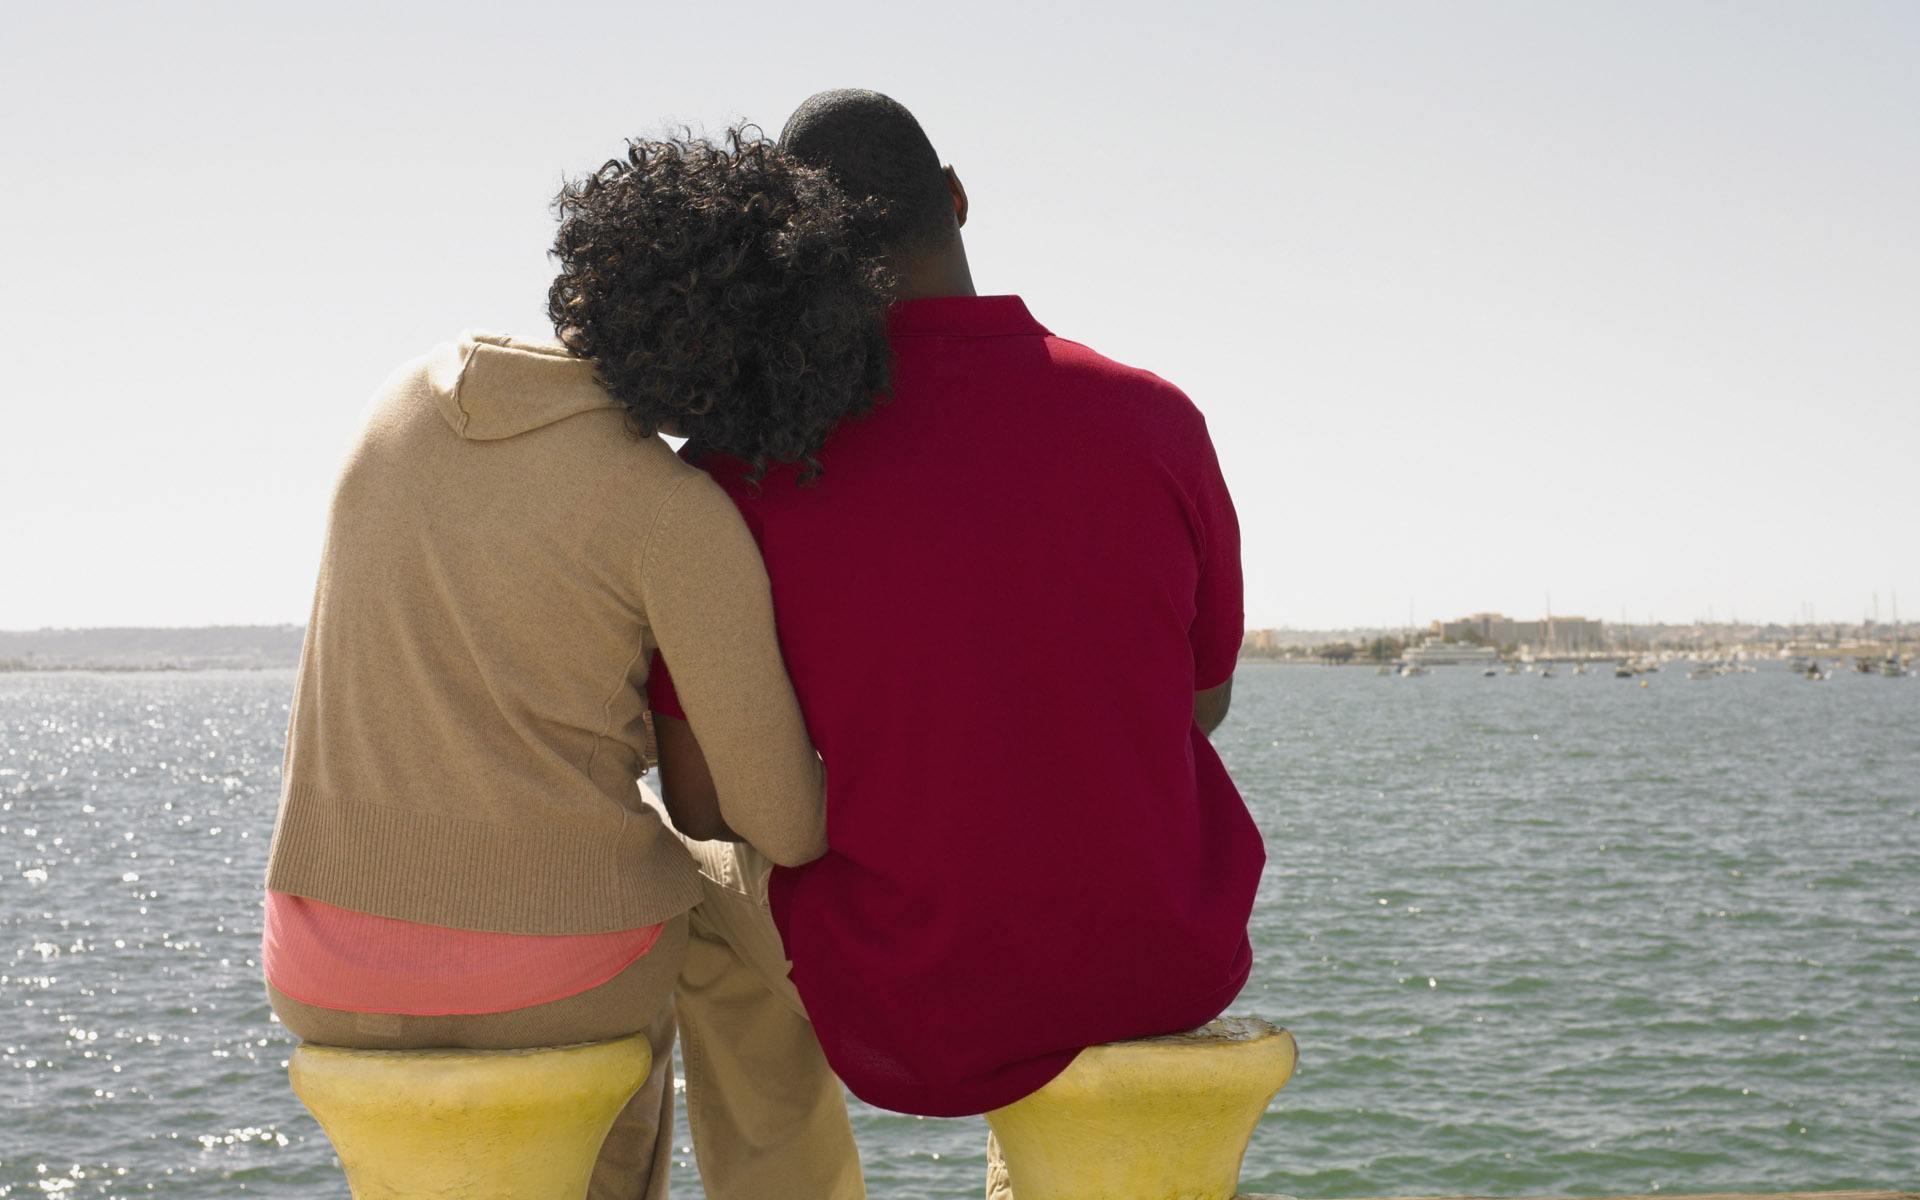 战疫时期的婆媳关系:为什么婚姻中被逼疯的总是女人?